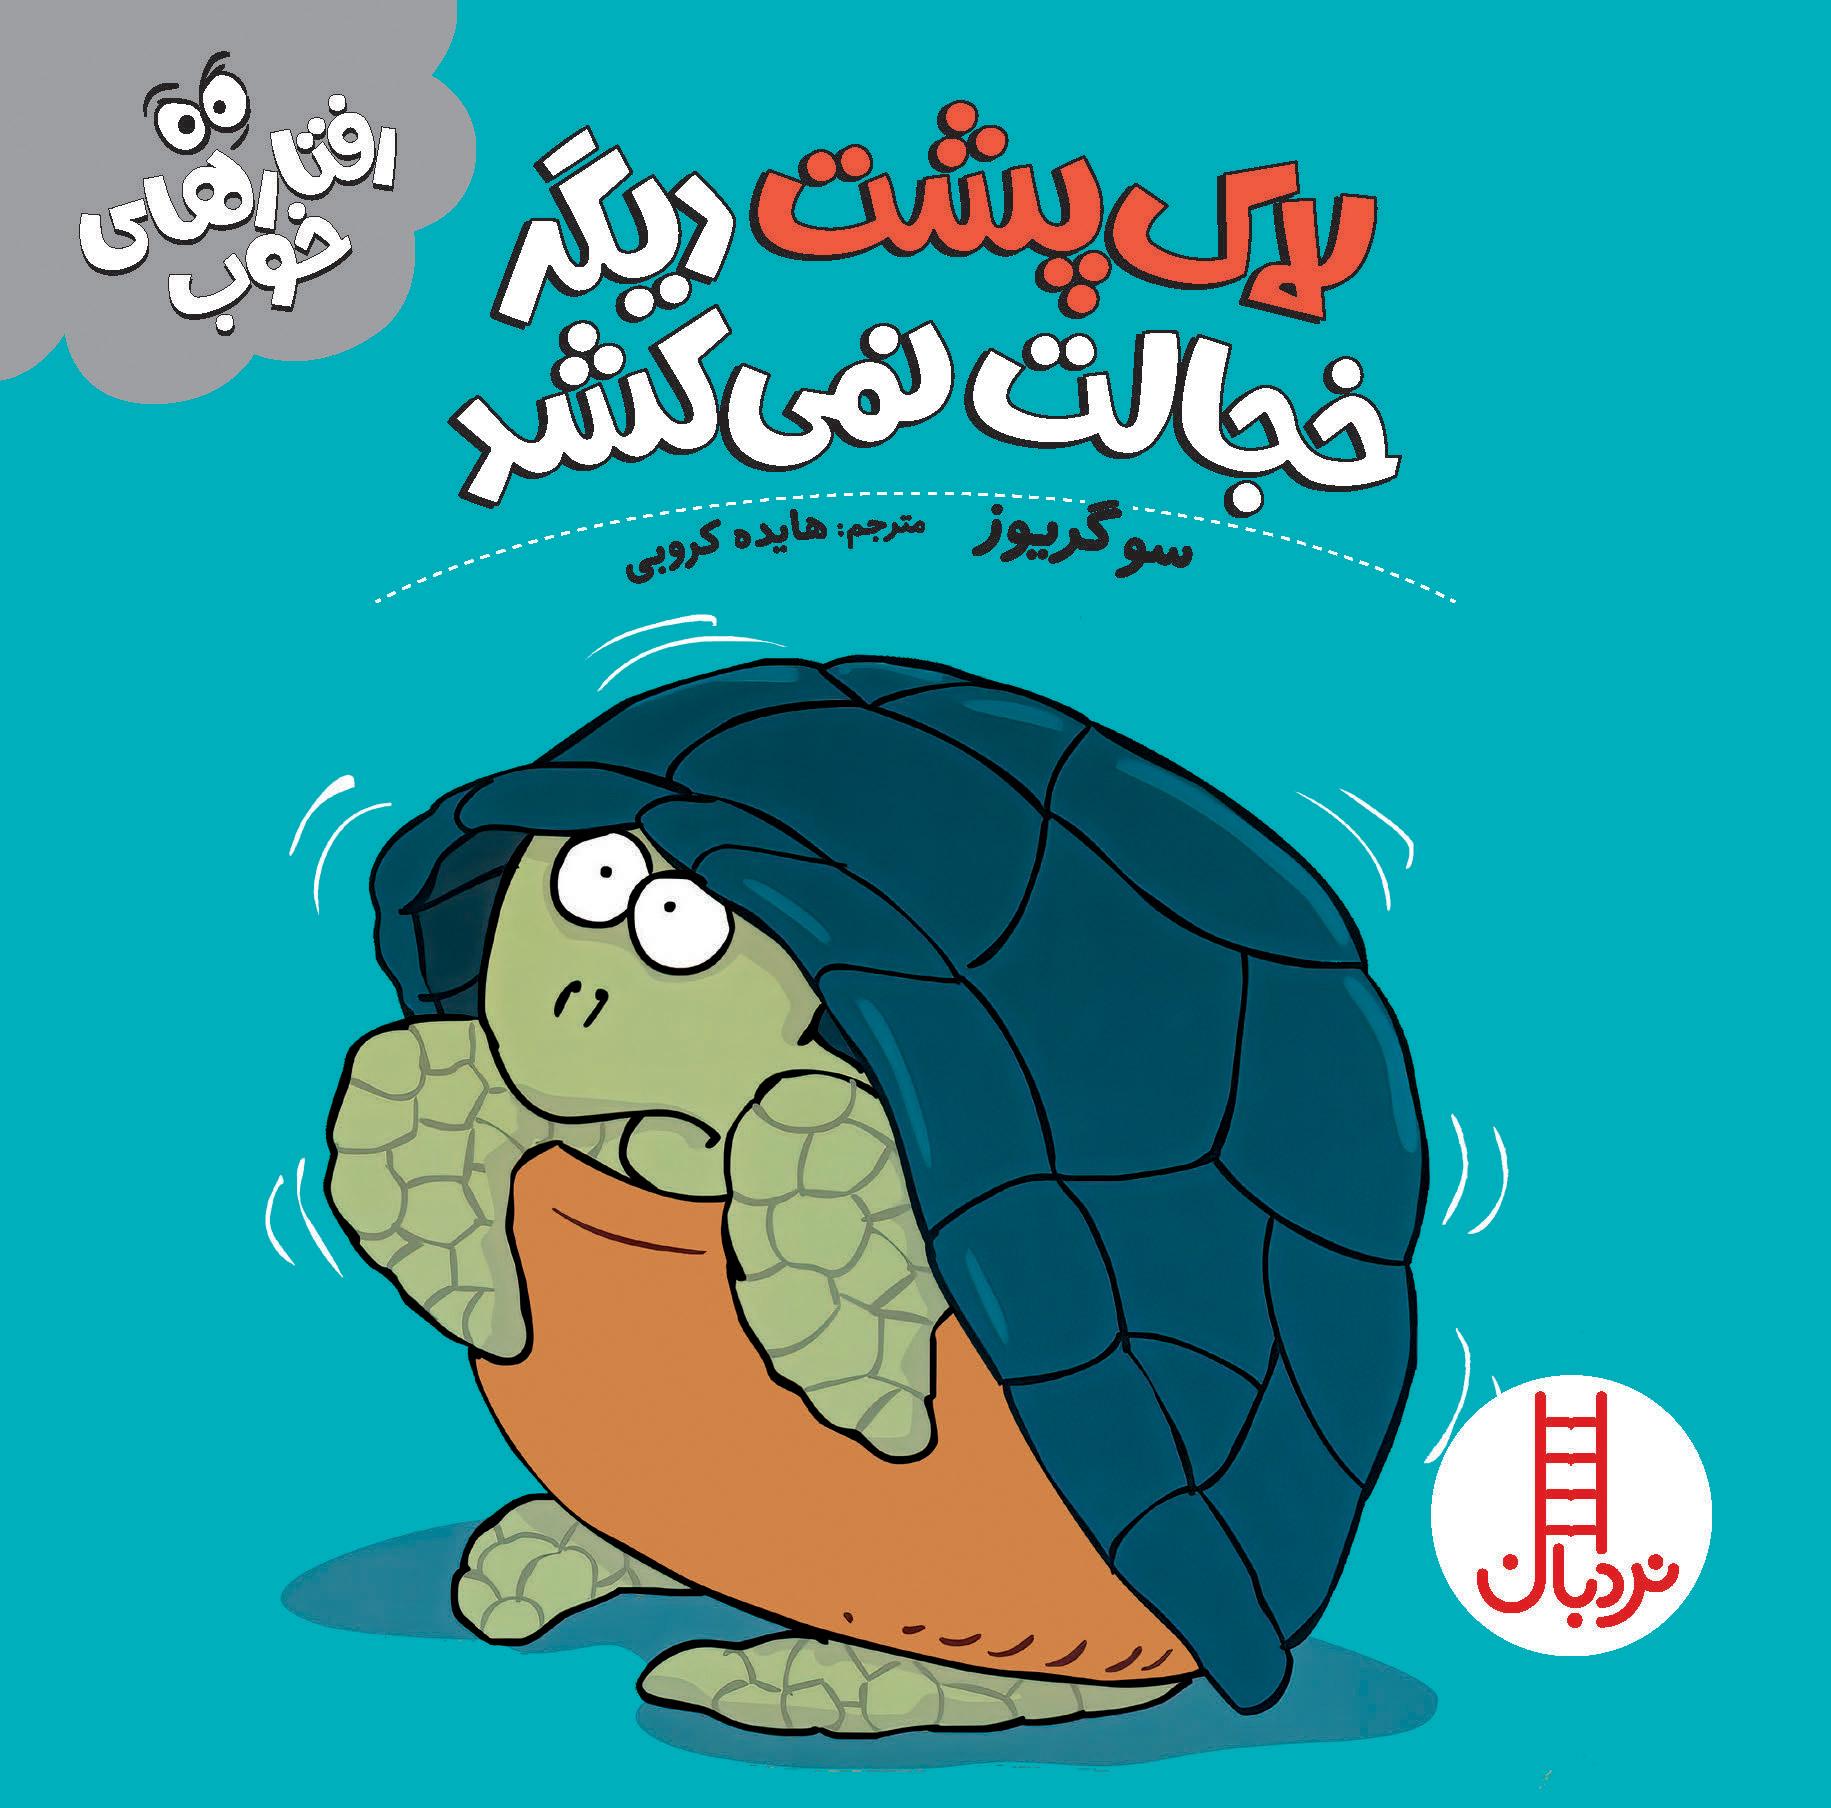 لاکپشت دیگر خجالت نمیکشد. (رفتارهای خوب)